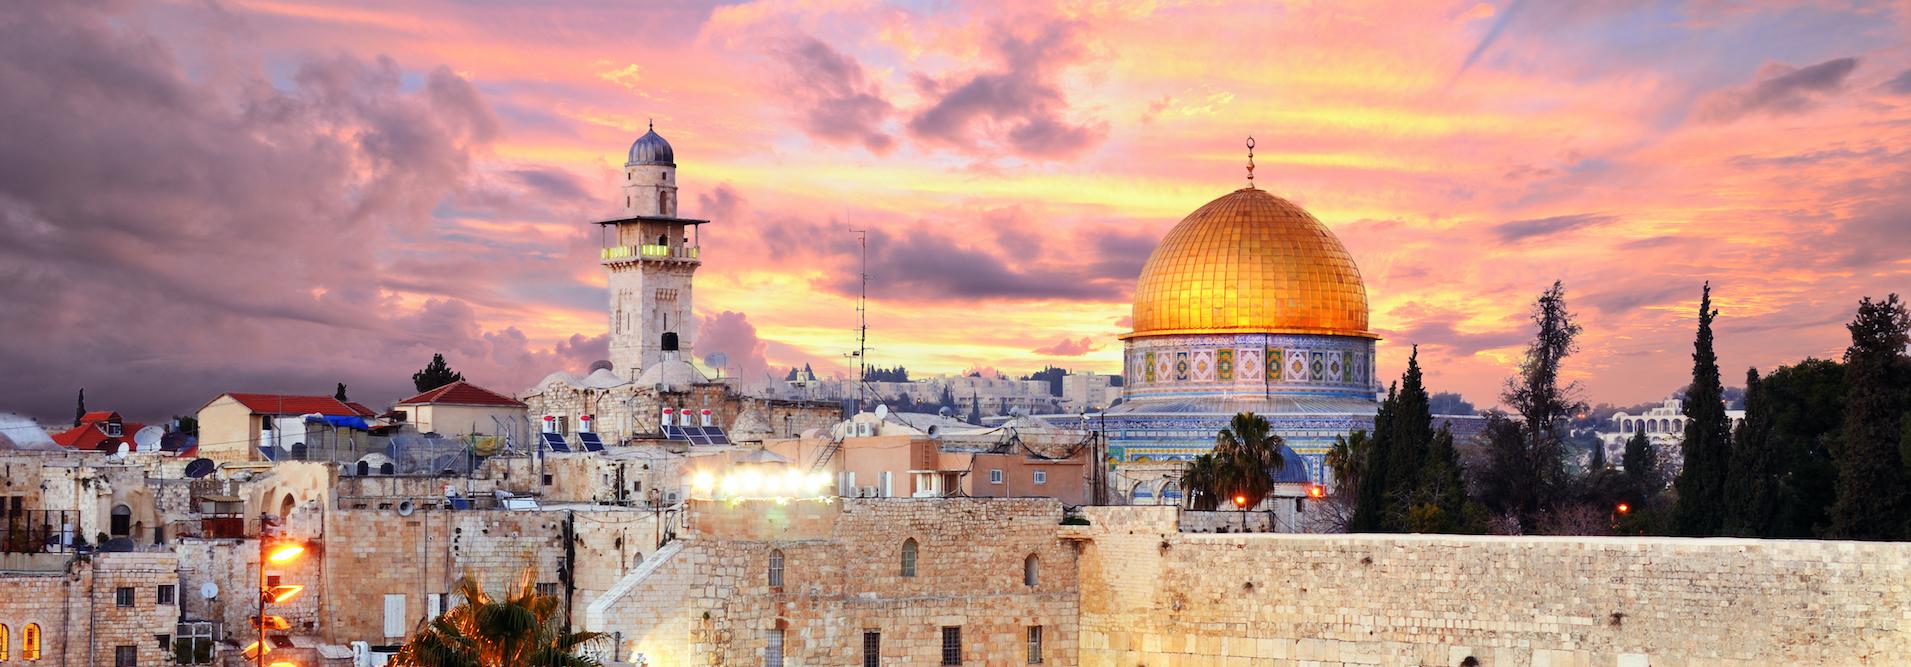 Jerusalem Day Tour